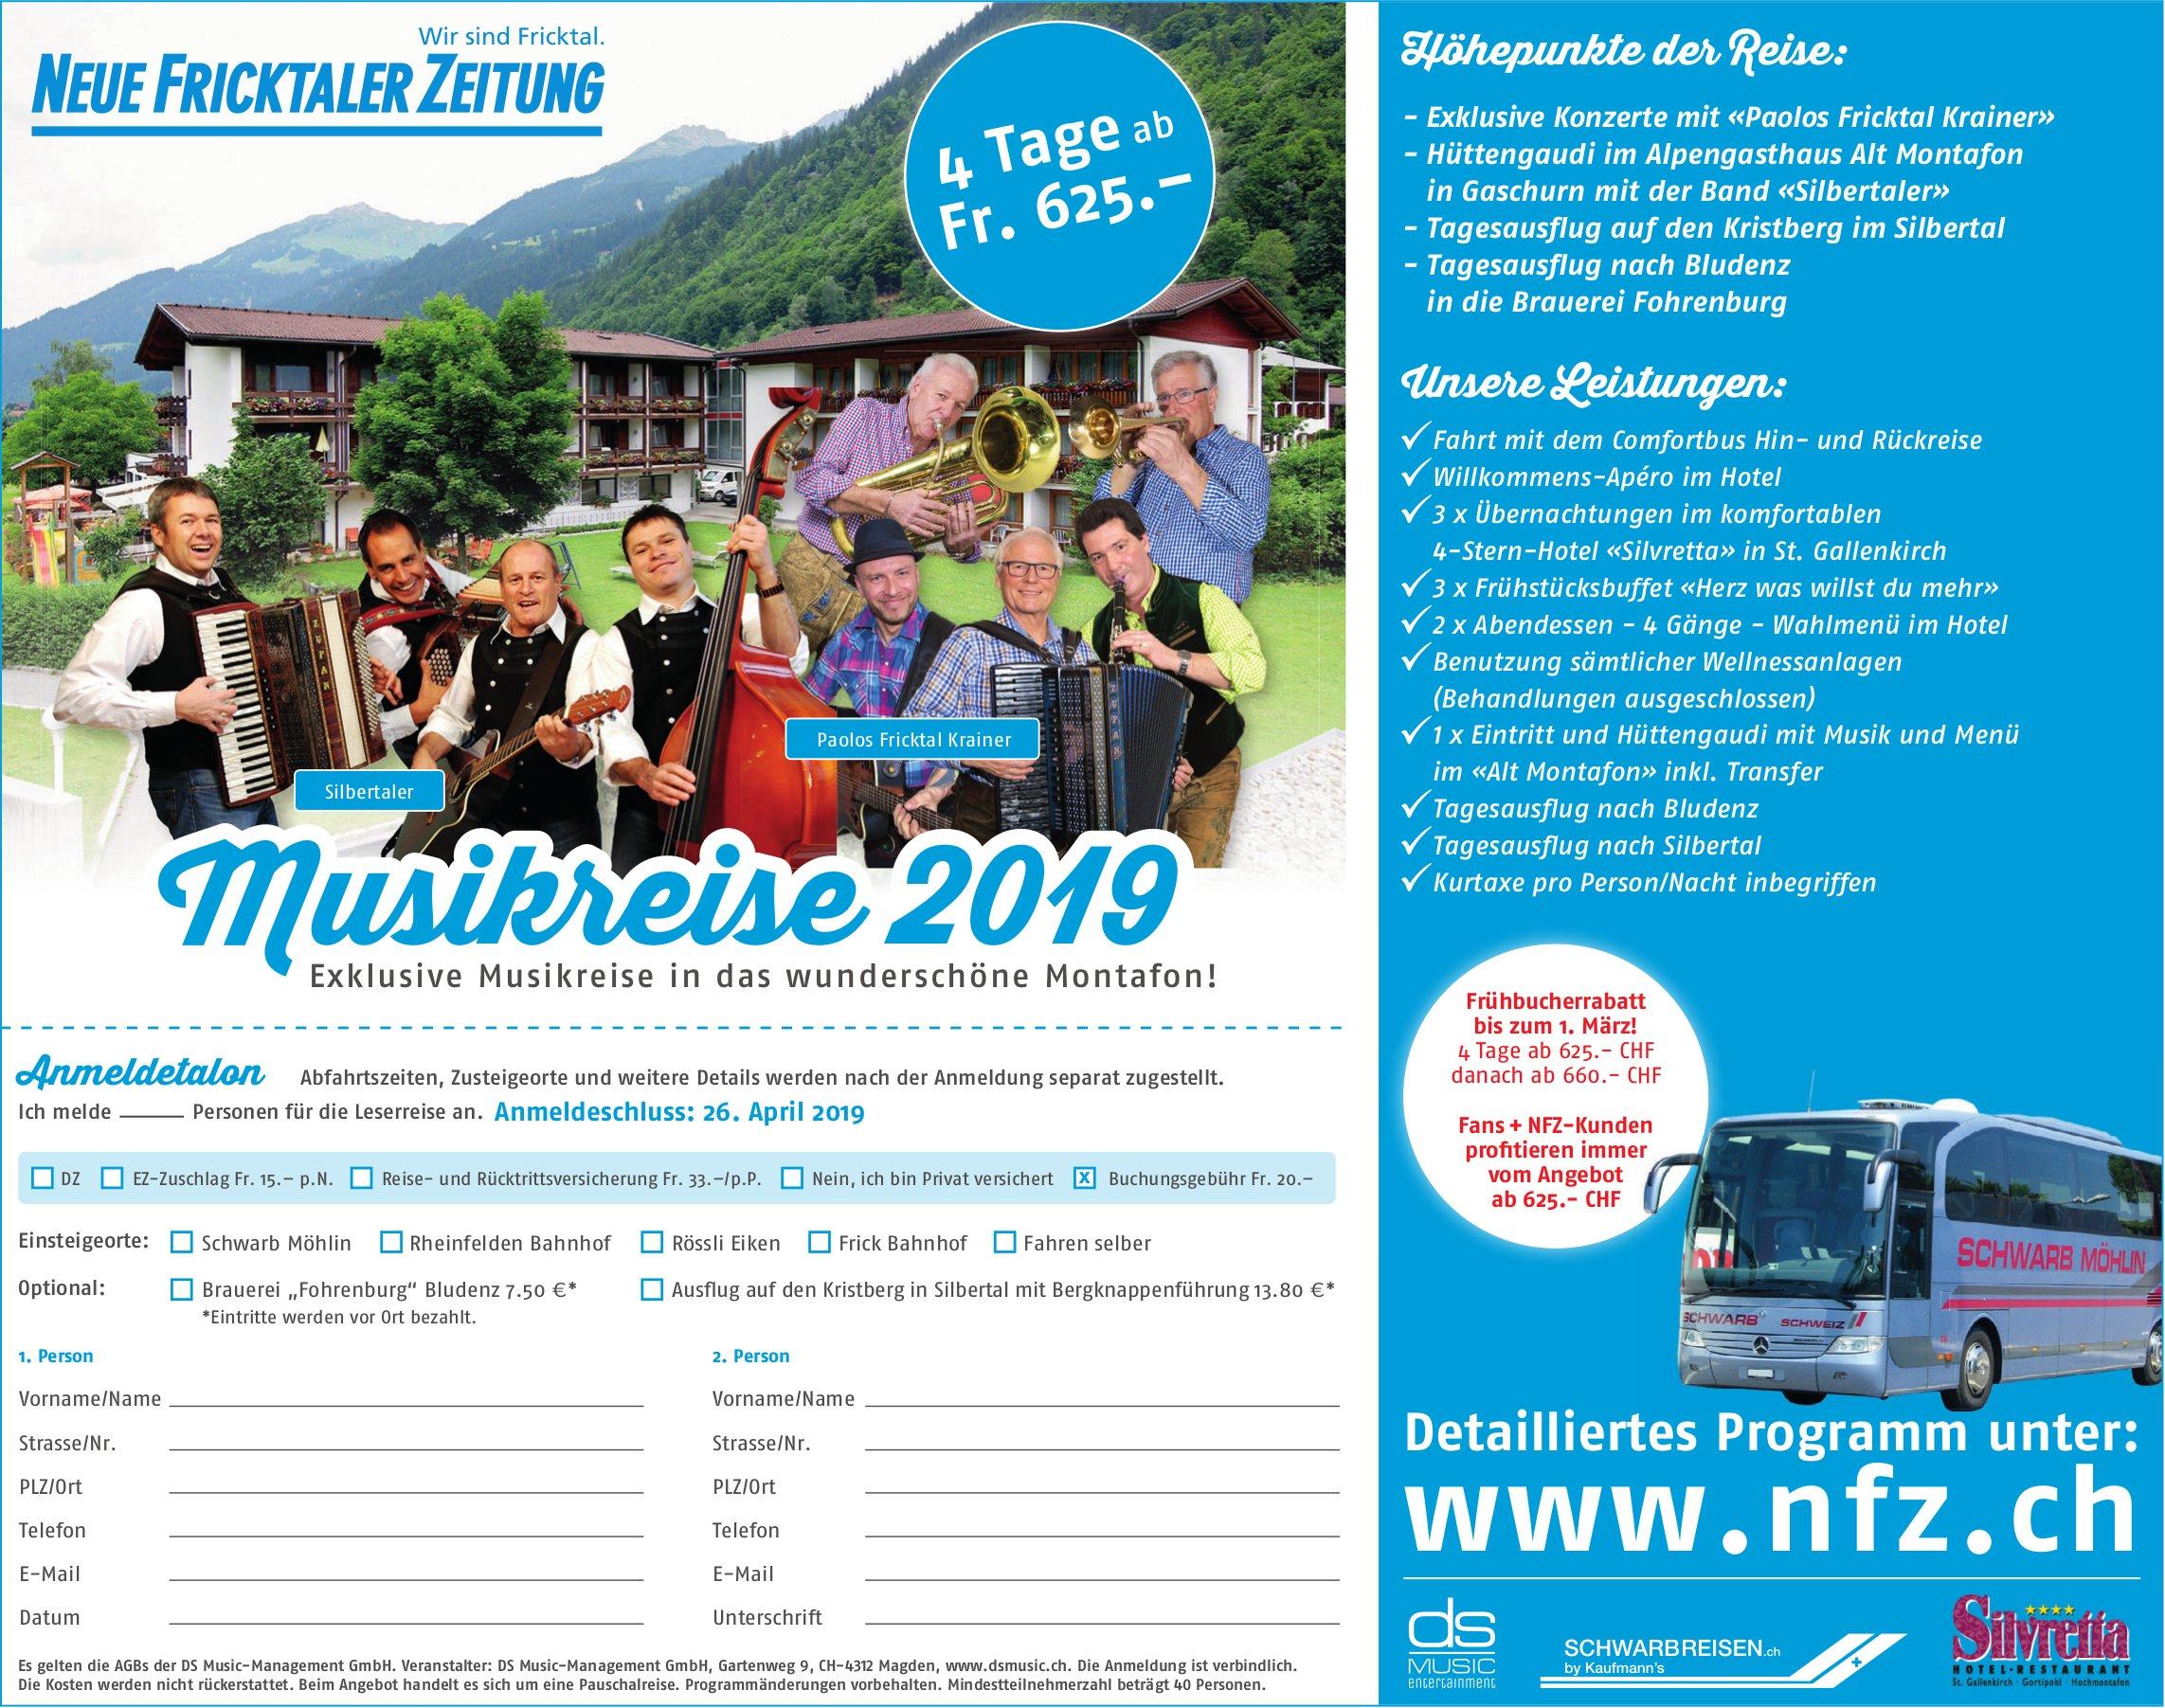 Musikreise 2019 - NEUE FRICKTALER ZEITUNG - ANmeldetalon